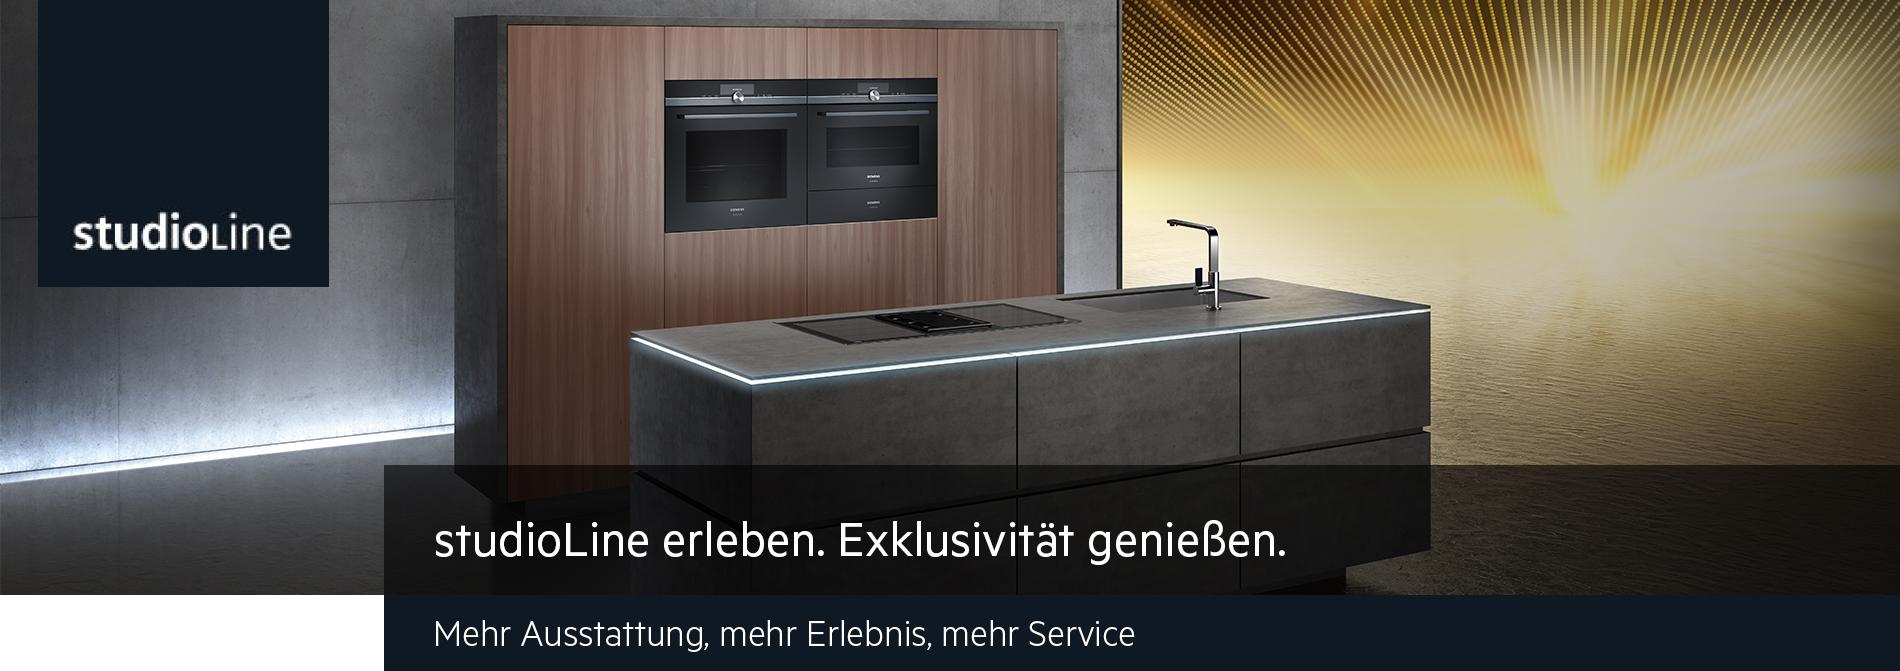 Siemens studioLine erleben. Exklusivität genießen